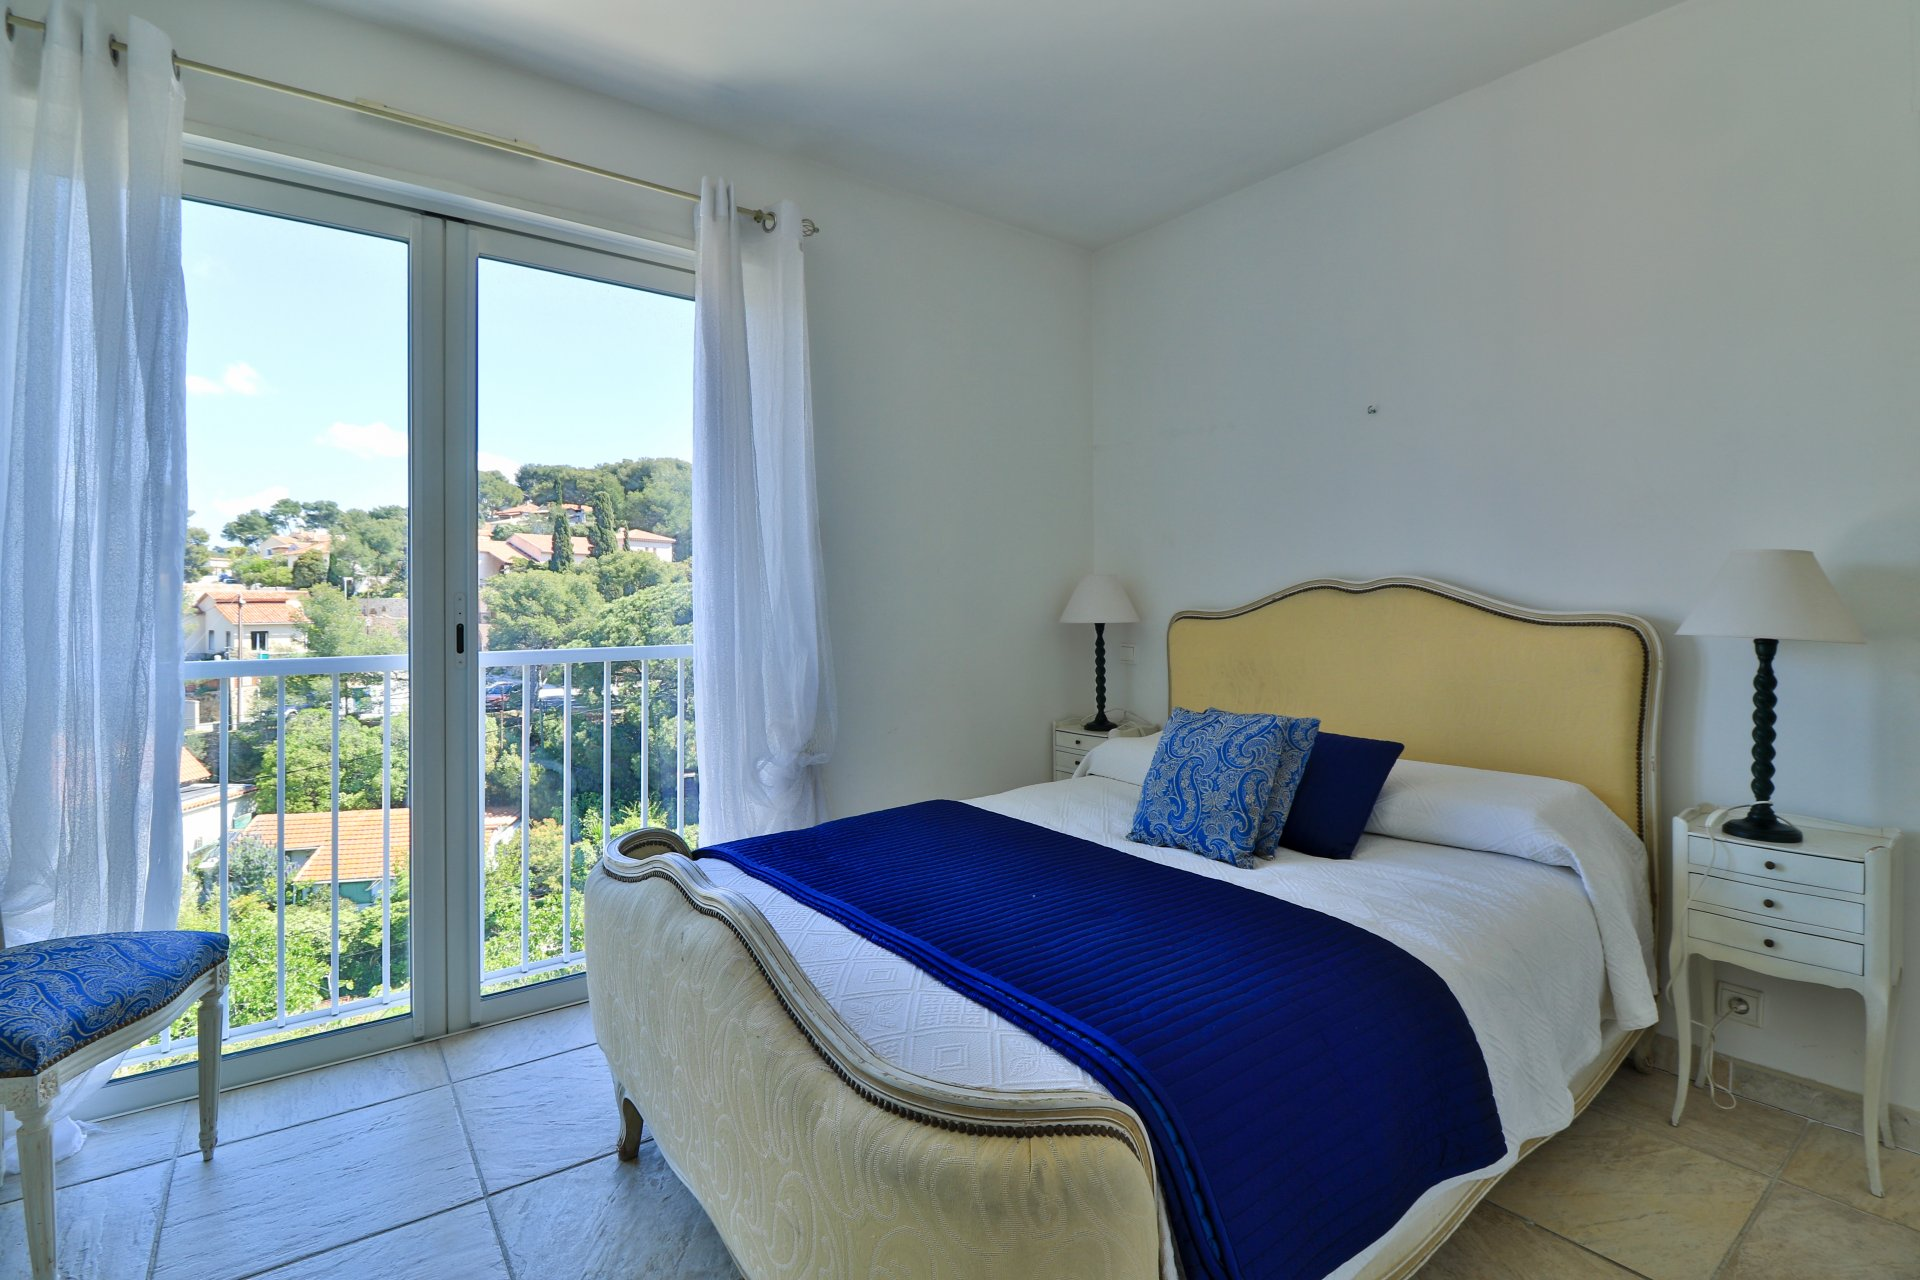 3 bedroom villa for sale in Le Pradet